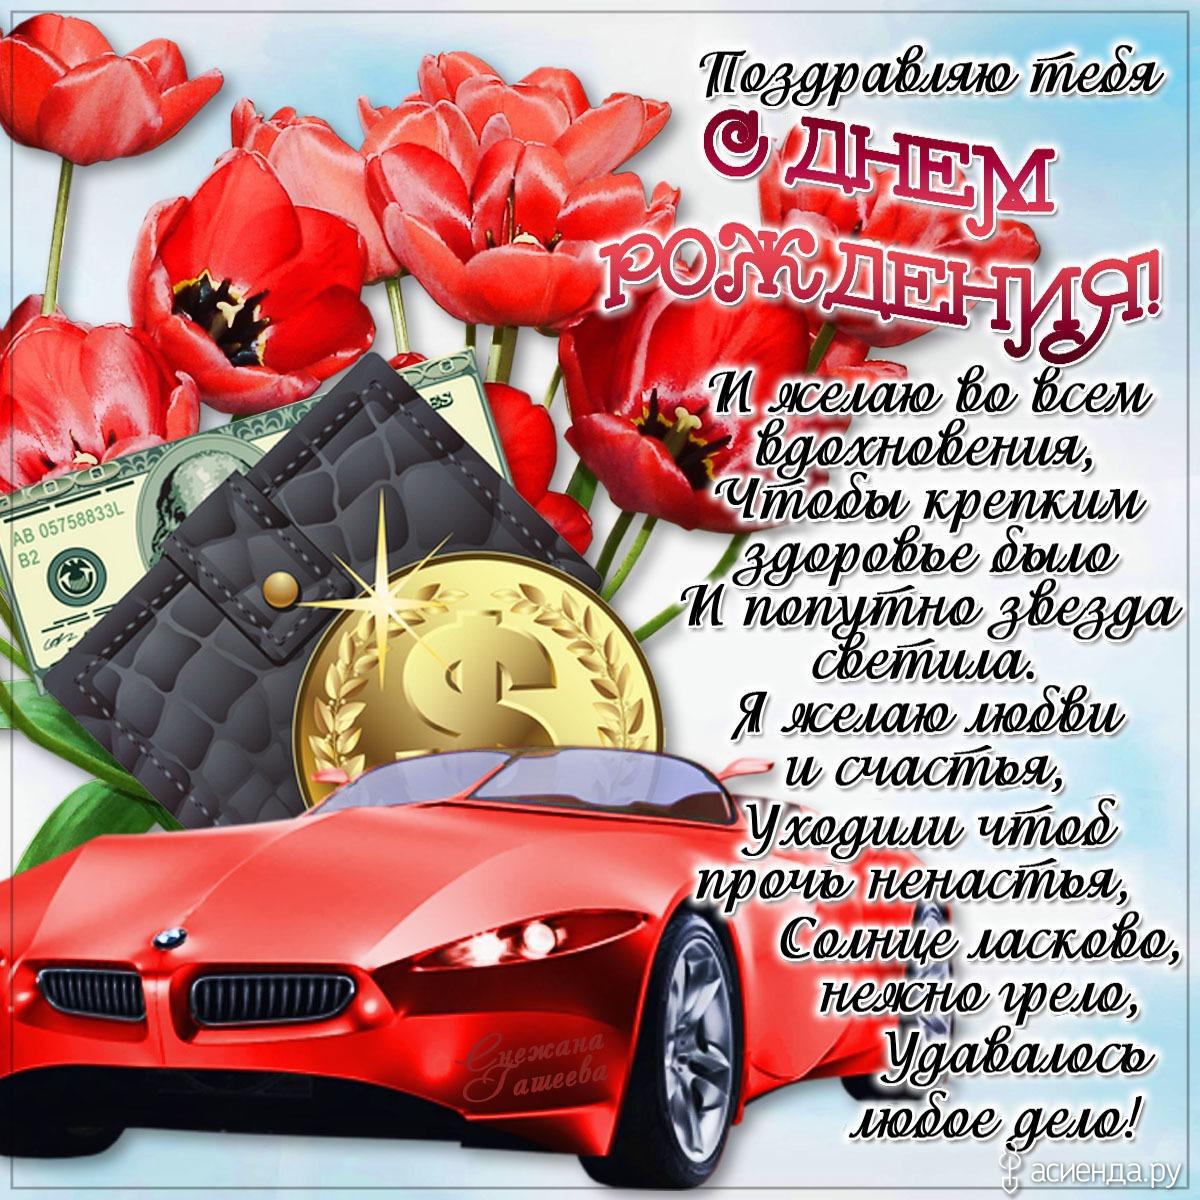 prikolnye-kartinki-s-dnyom-rozhdeniya-muzhchine-s-pozhelaniyami_12.jpg